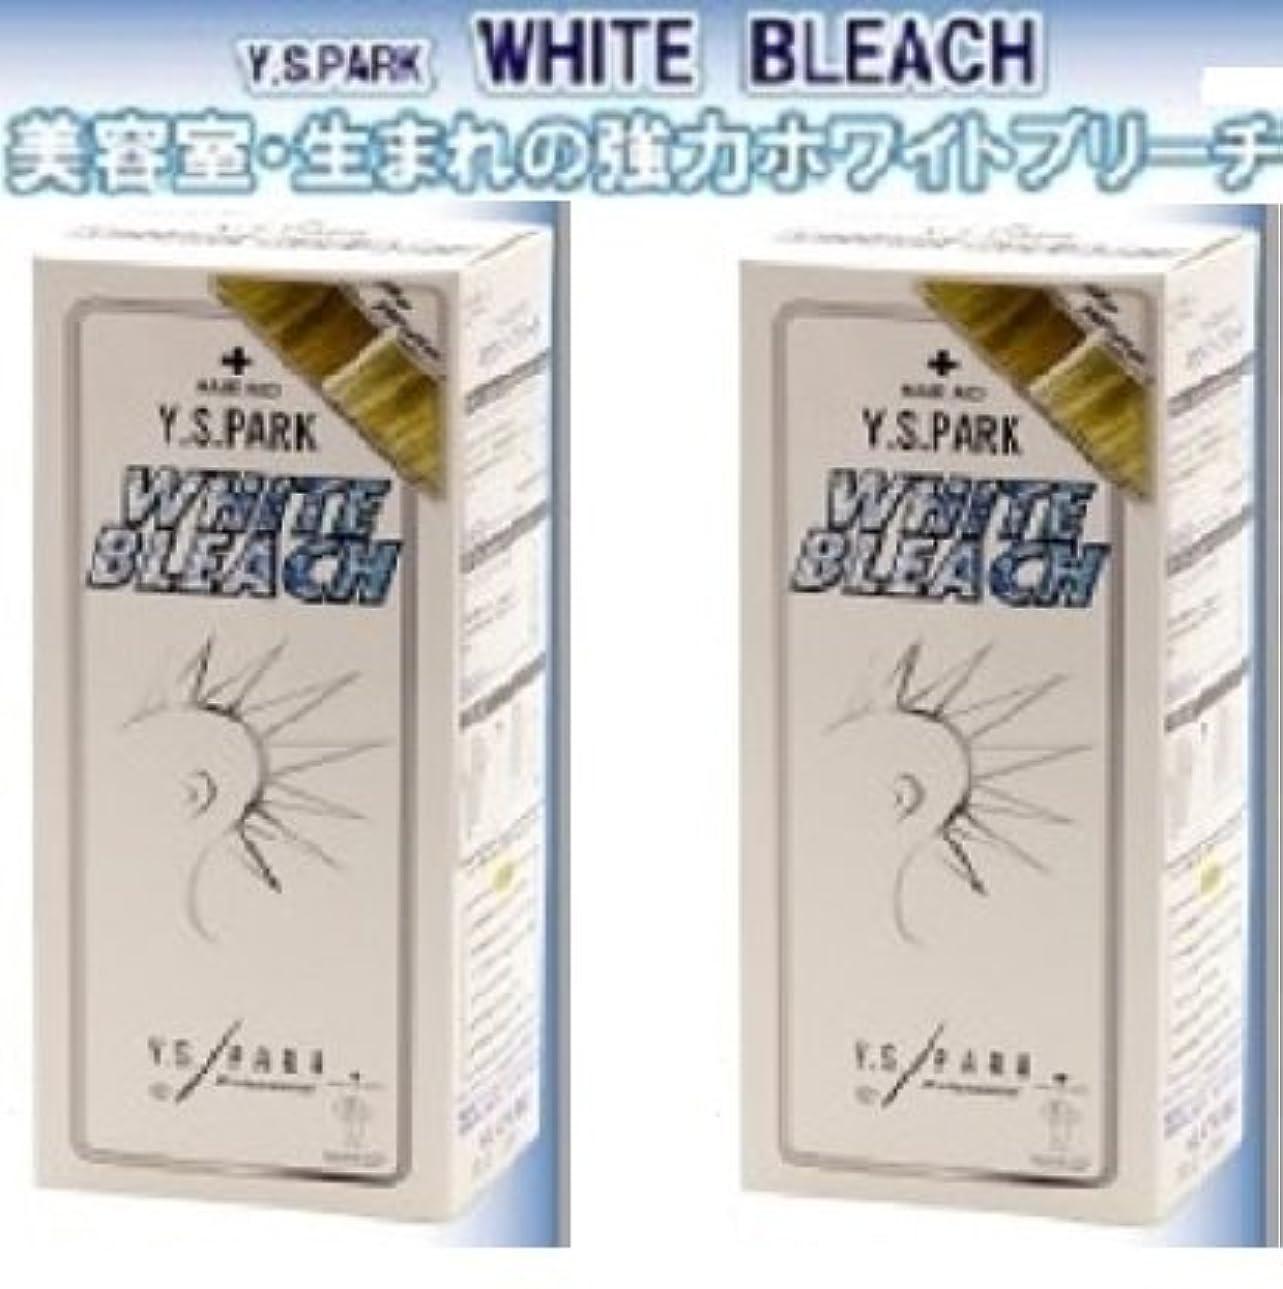 同志チチカカ湖財産【YSPARK 】ホワイトブリーチ ×2個セット(お得な2個組)美容室生まれの強力ホワイトブリーチ